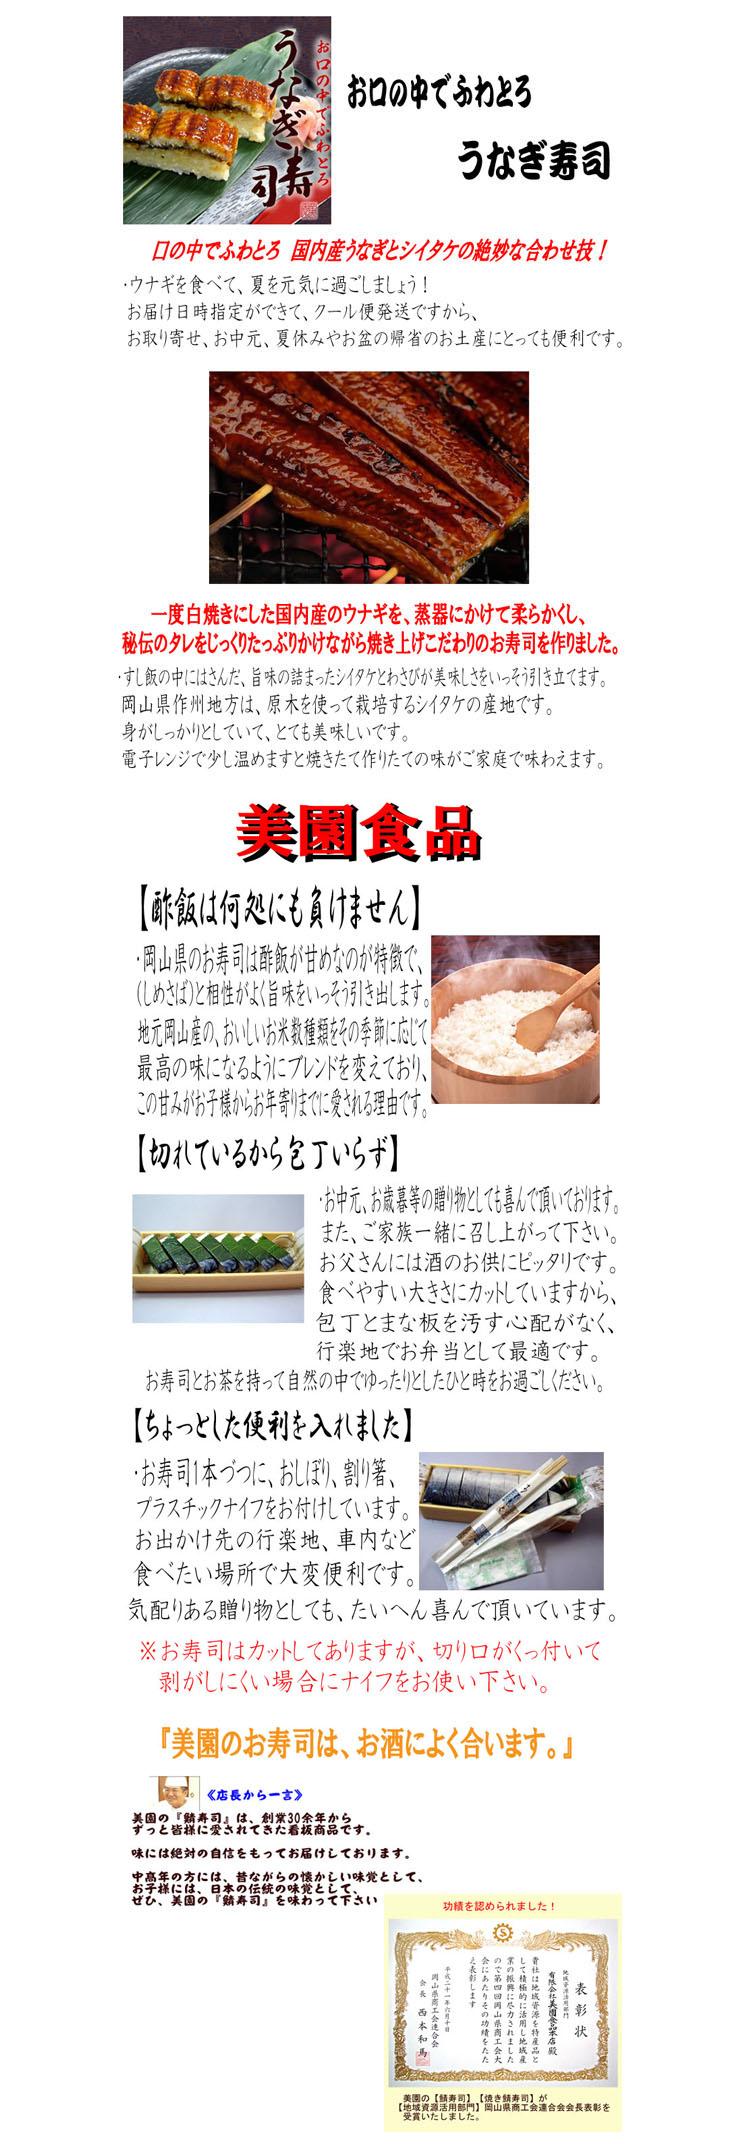 美園うなぎ寿司